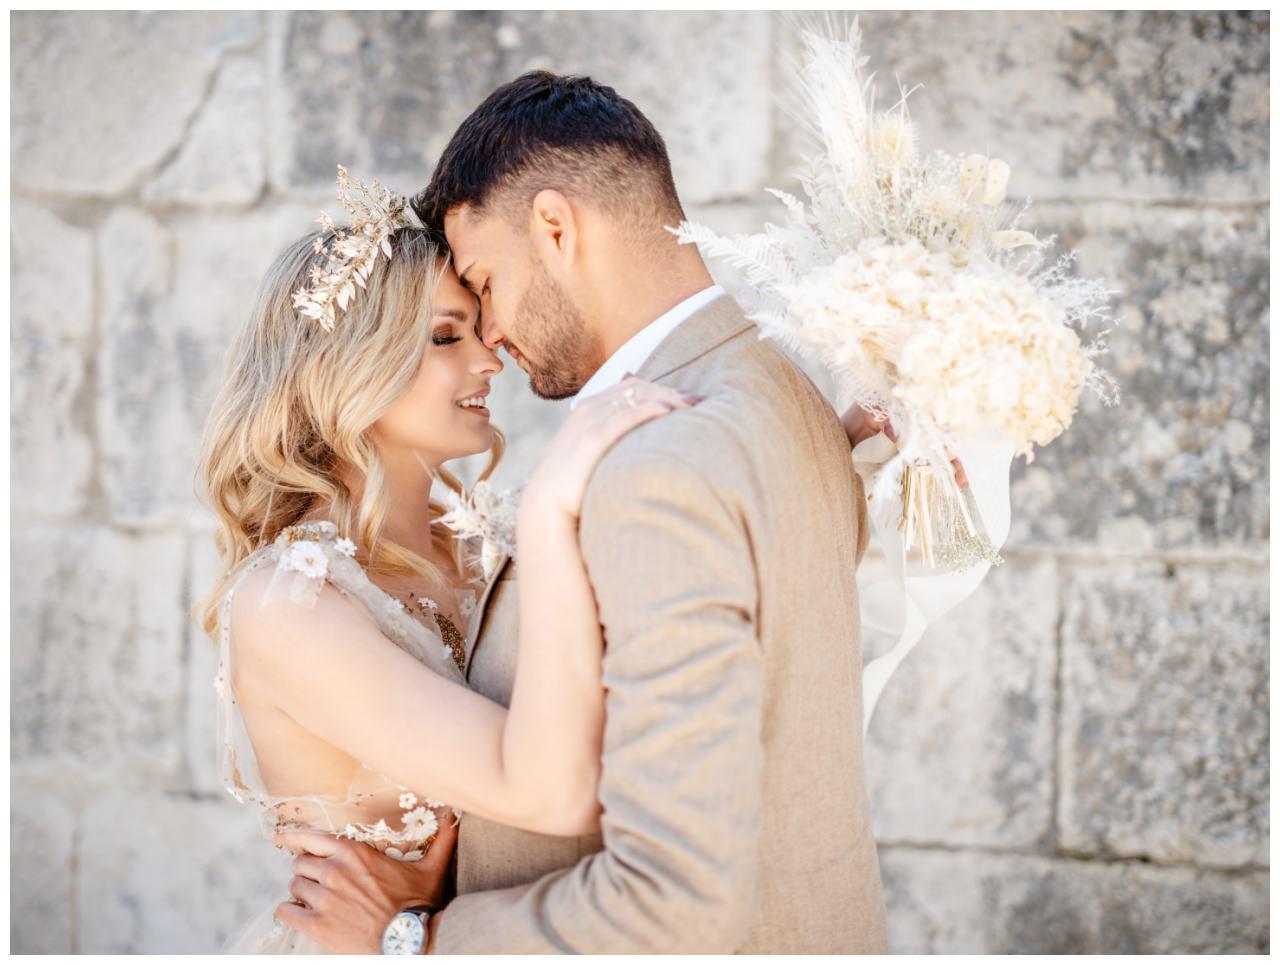 Hochzeit Kroatien Planung Hochzeitsplaner Trockenblumen Fotograf 33 - Natürliche Hochzeit mit Trockenblumen